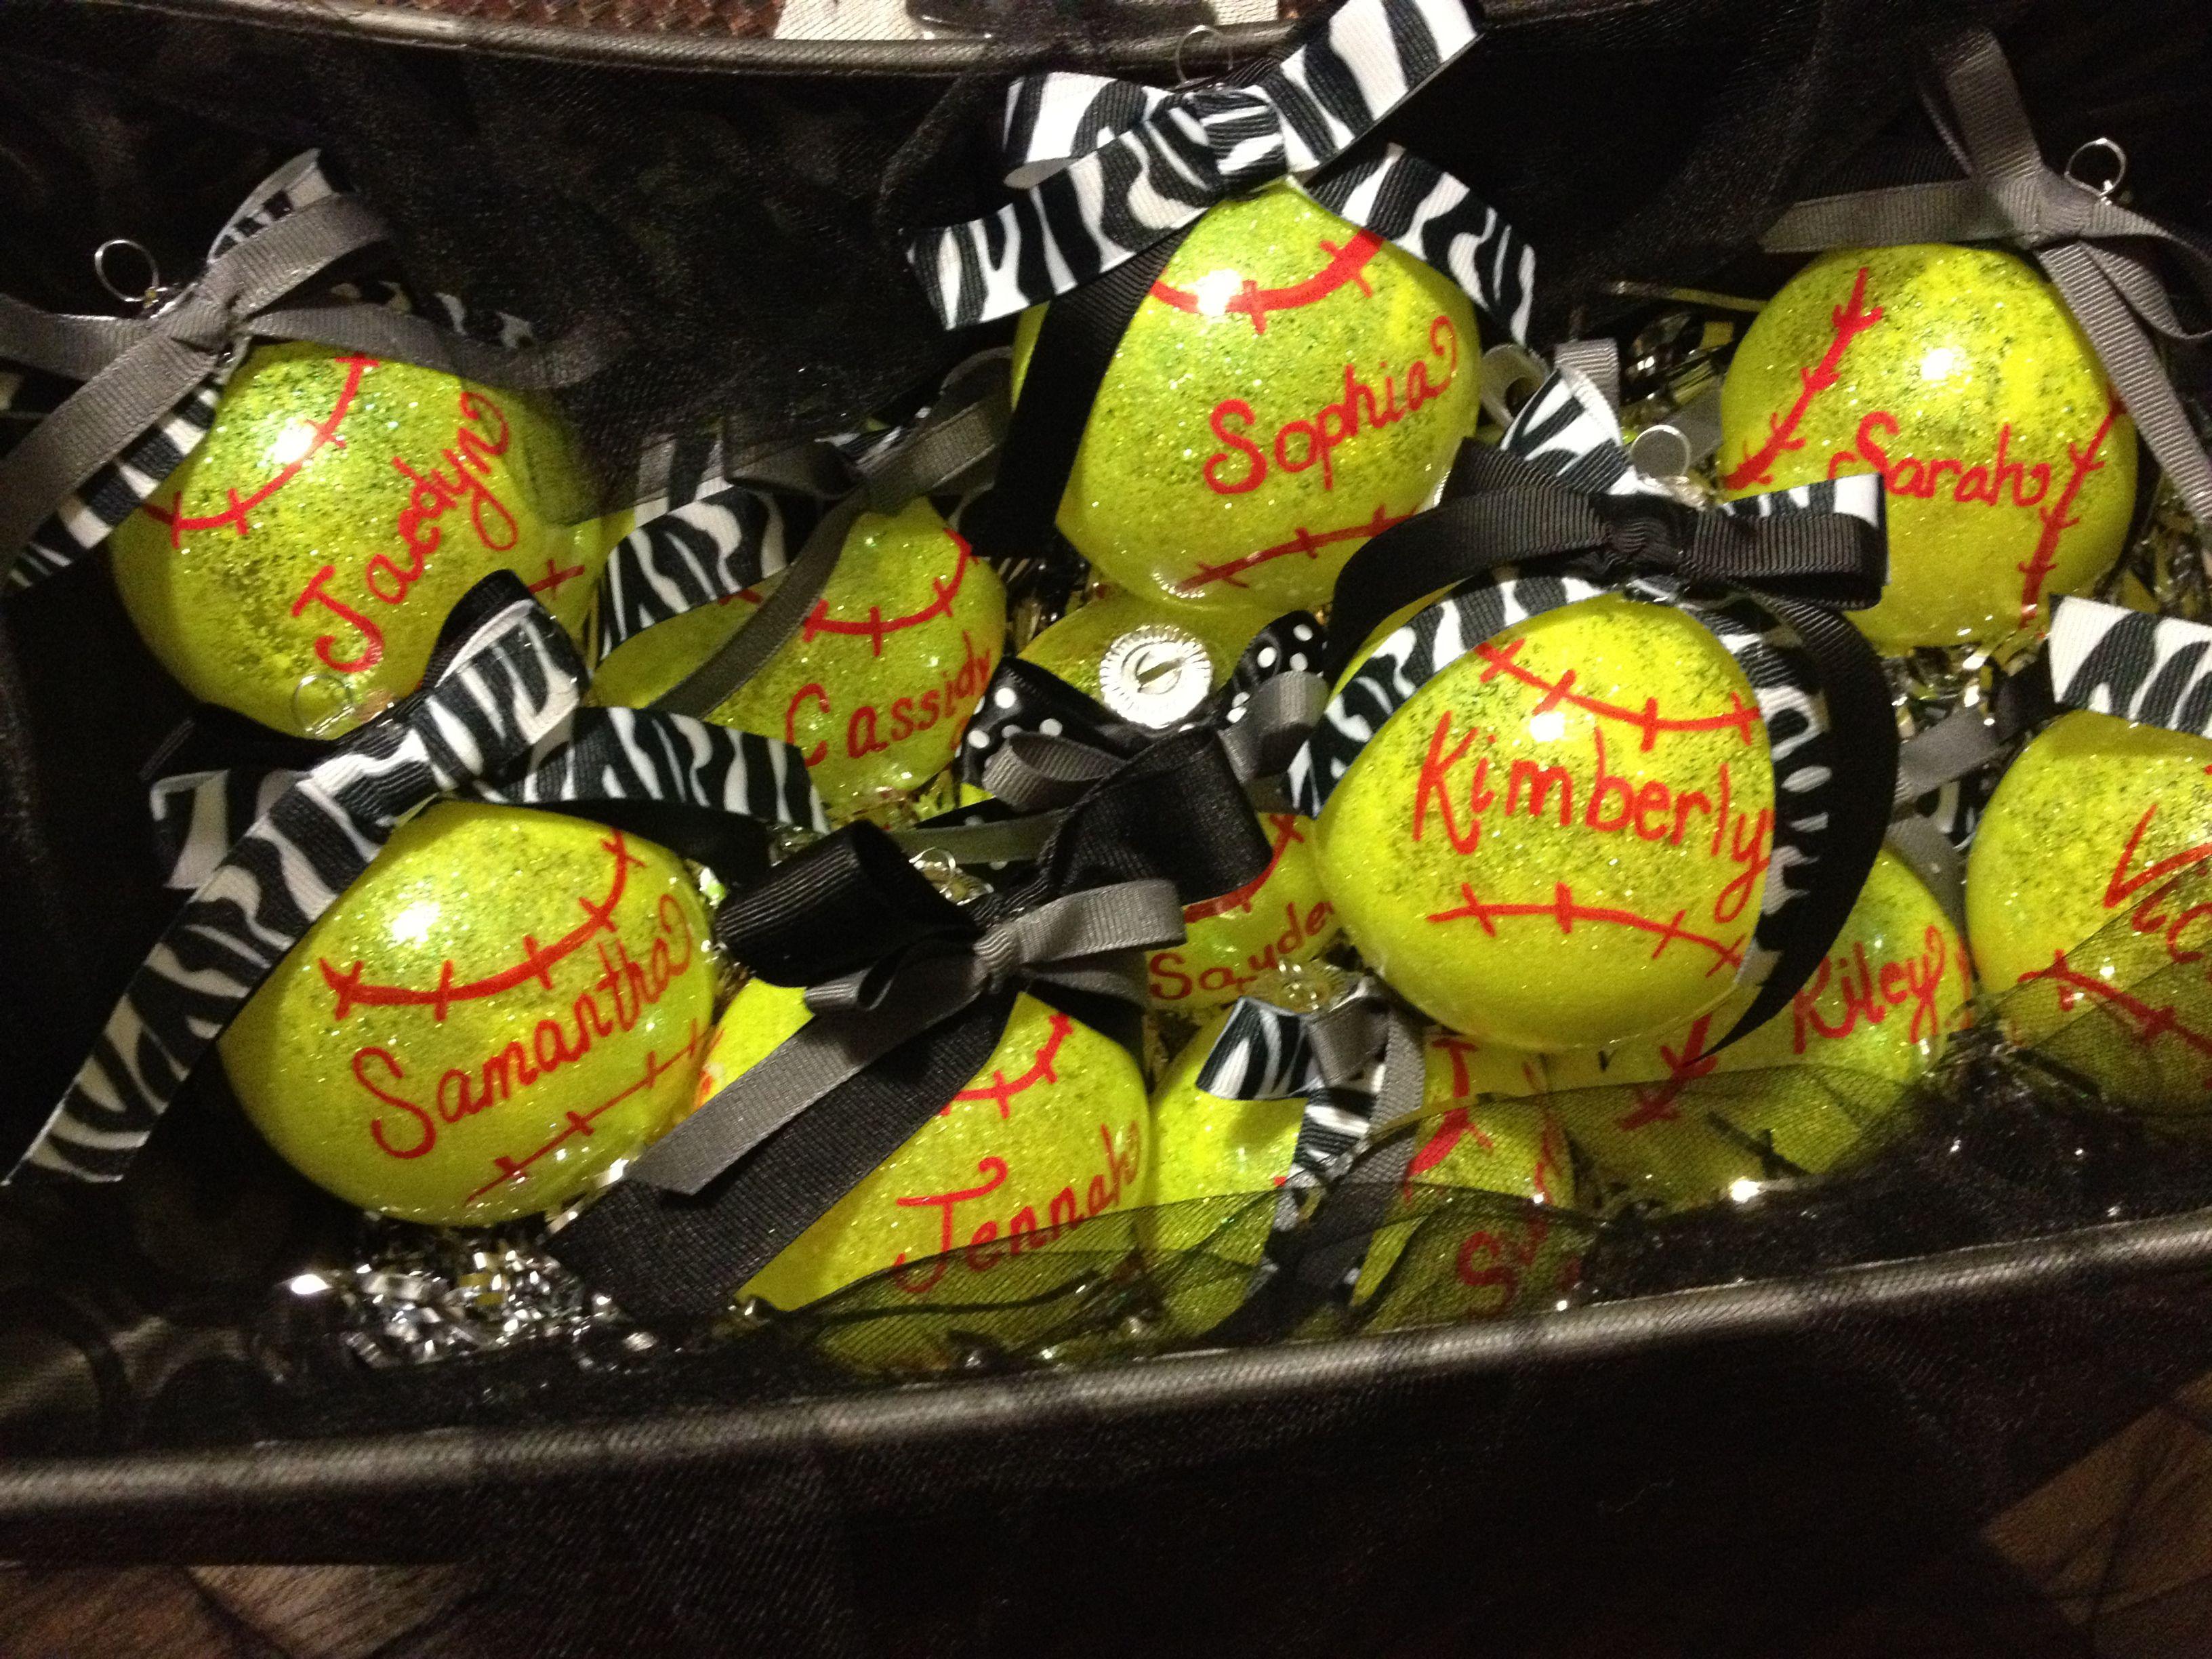 softball ornaments for end of fall ball season Softball